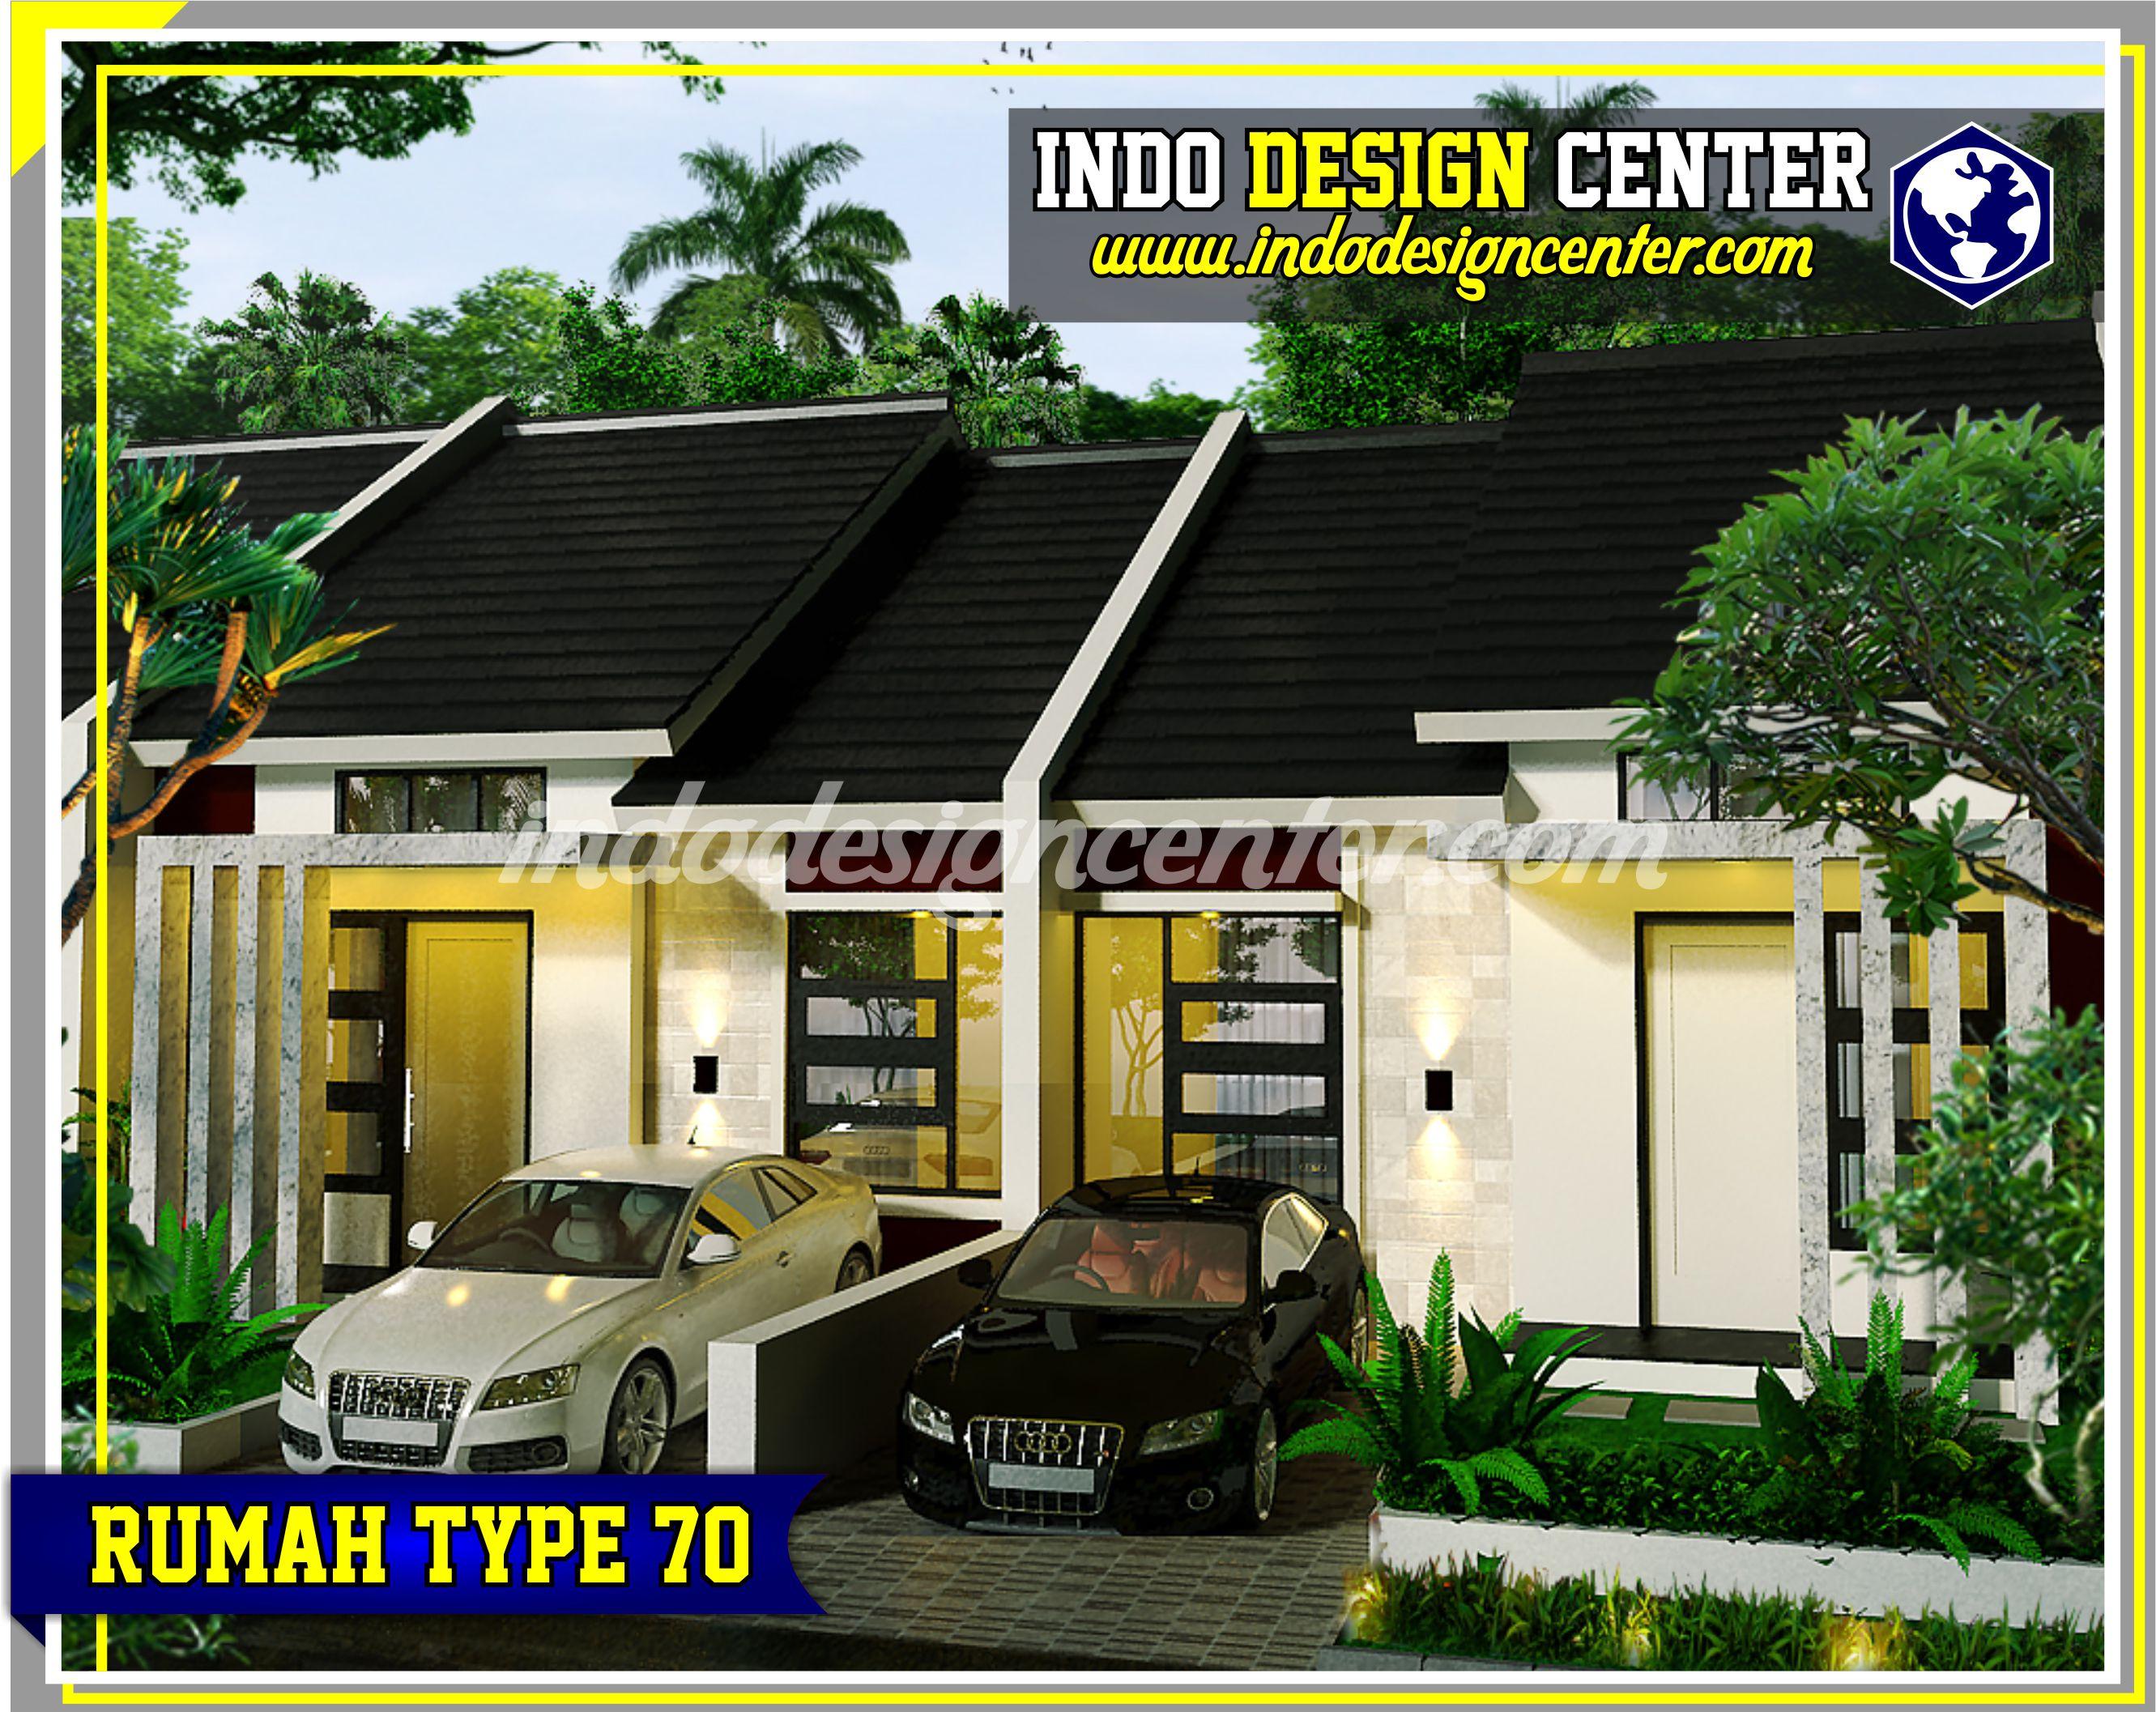 05 Desain Rumah Type 70 Kursus Privat AutoCad 2D 3D